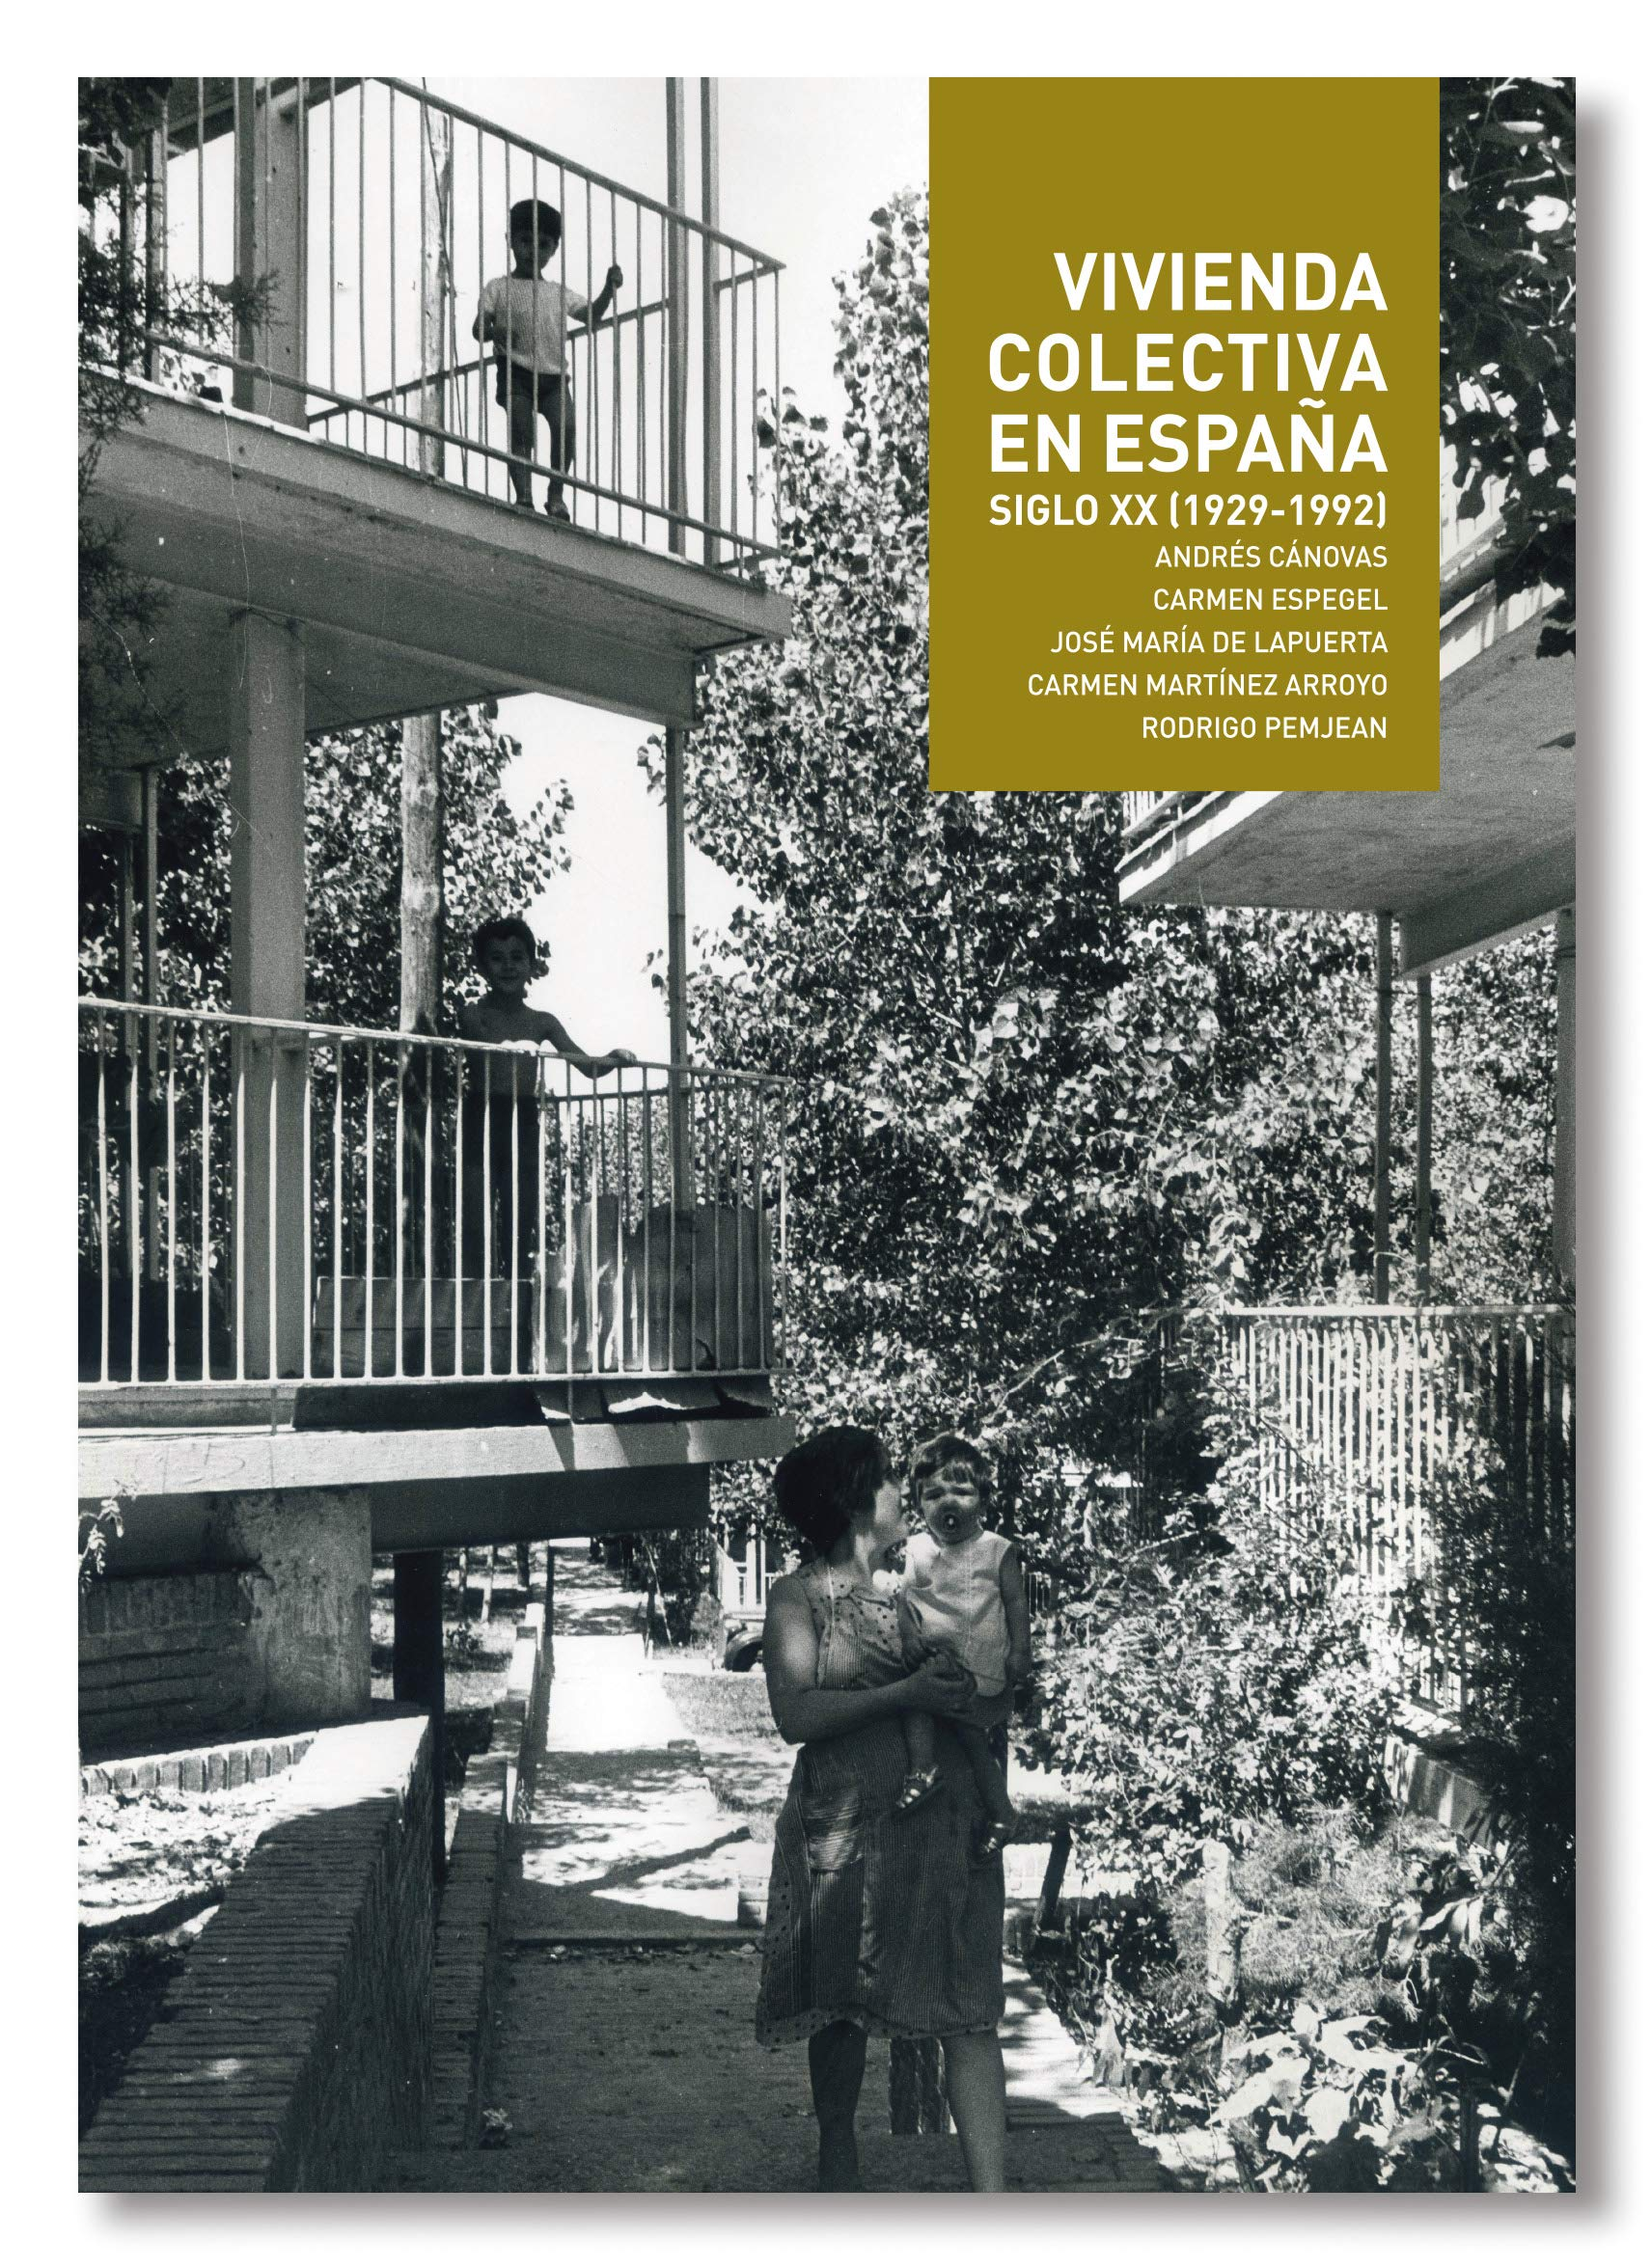 Vivienda Colectiva en España. Siglo XX (1929- 1992): Amazon.es: Andrés Cánovas, Carmen Espegel, José María de Lapuerta, Carmen Martínez Arroyo, Rodrigo Pemjean: Libros